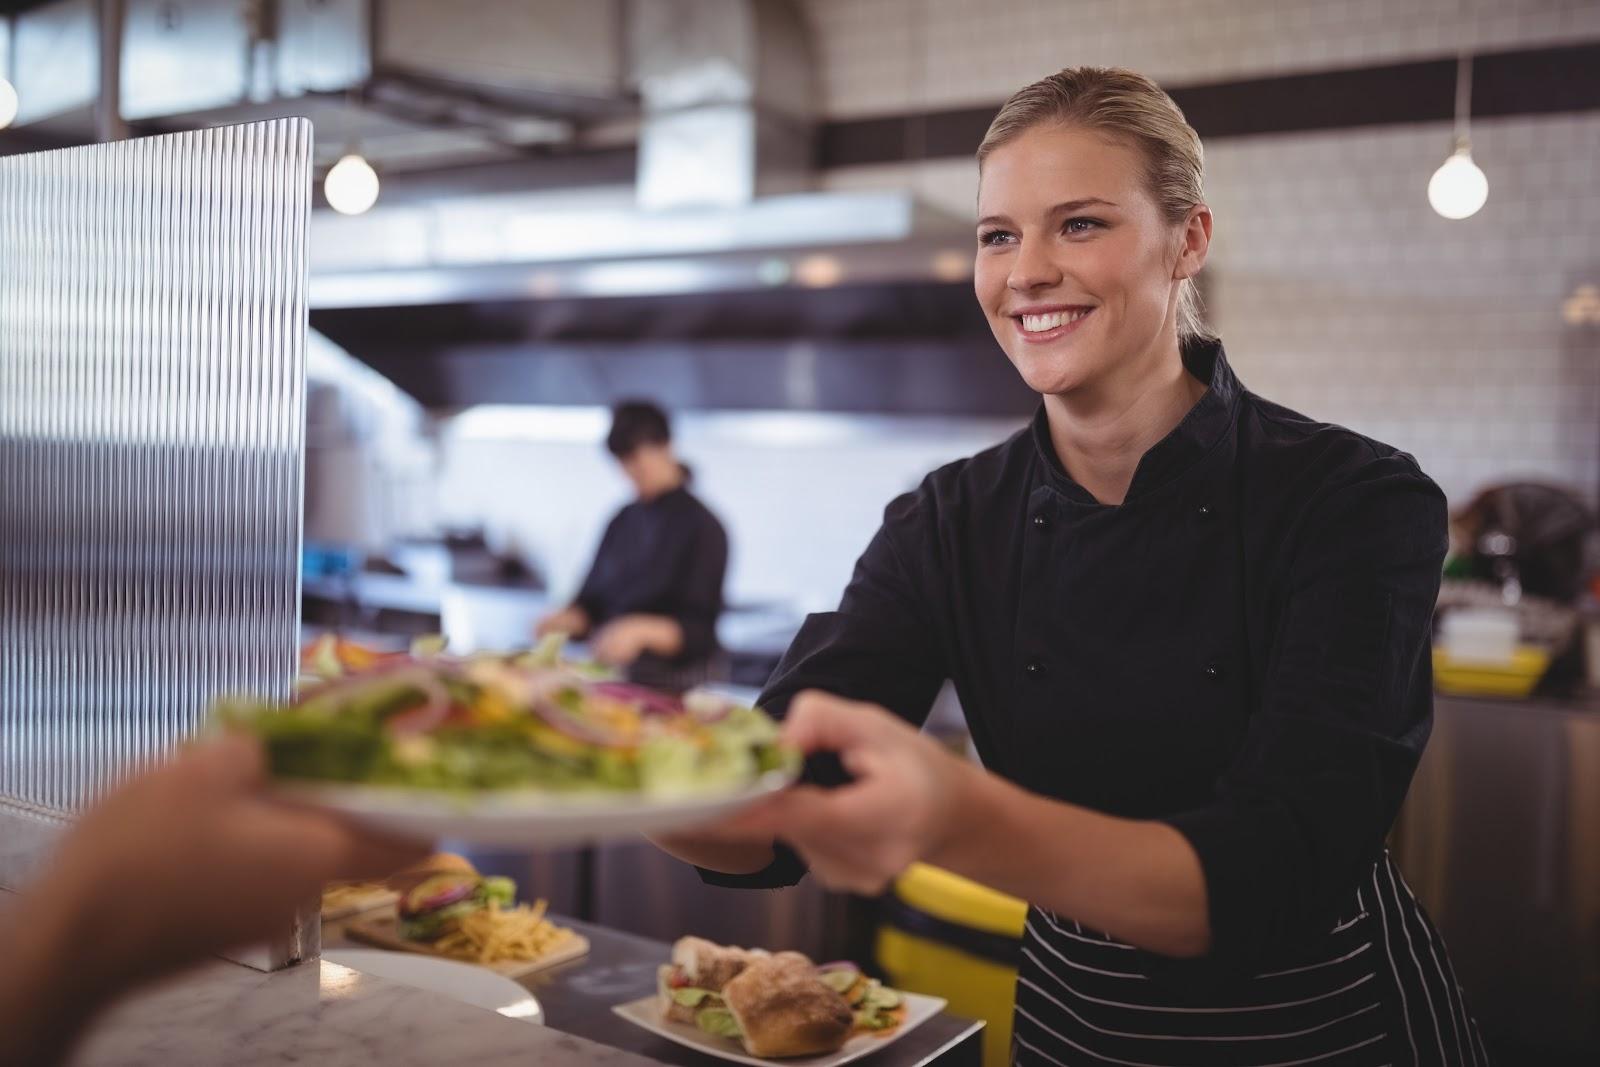 Restaurant worker serving food from kitchen window